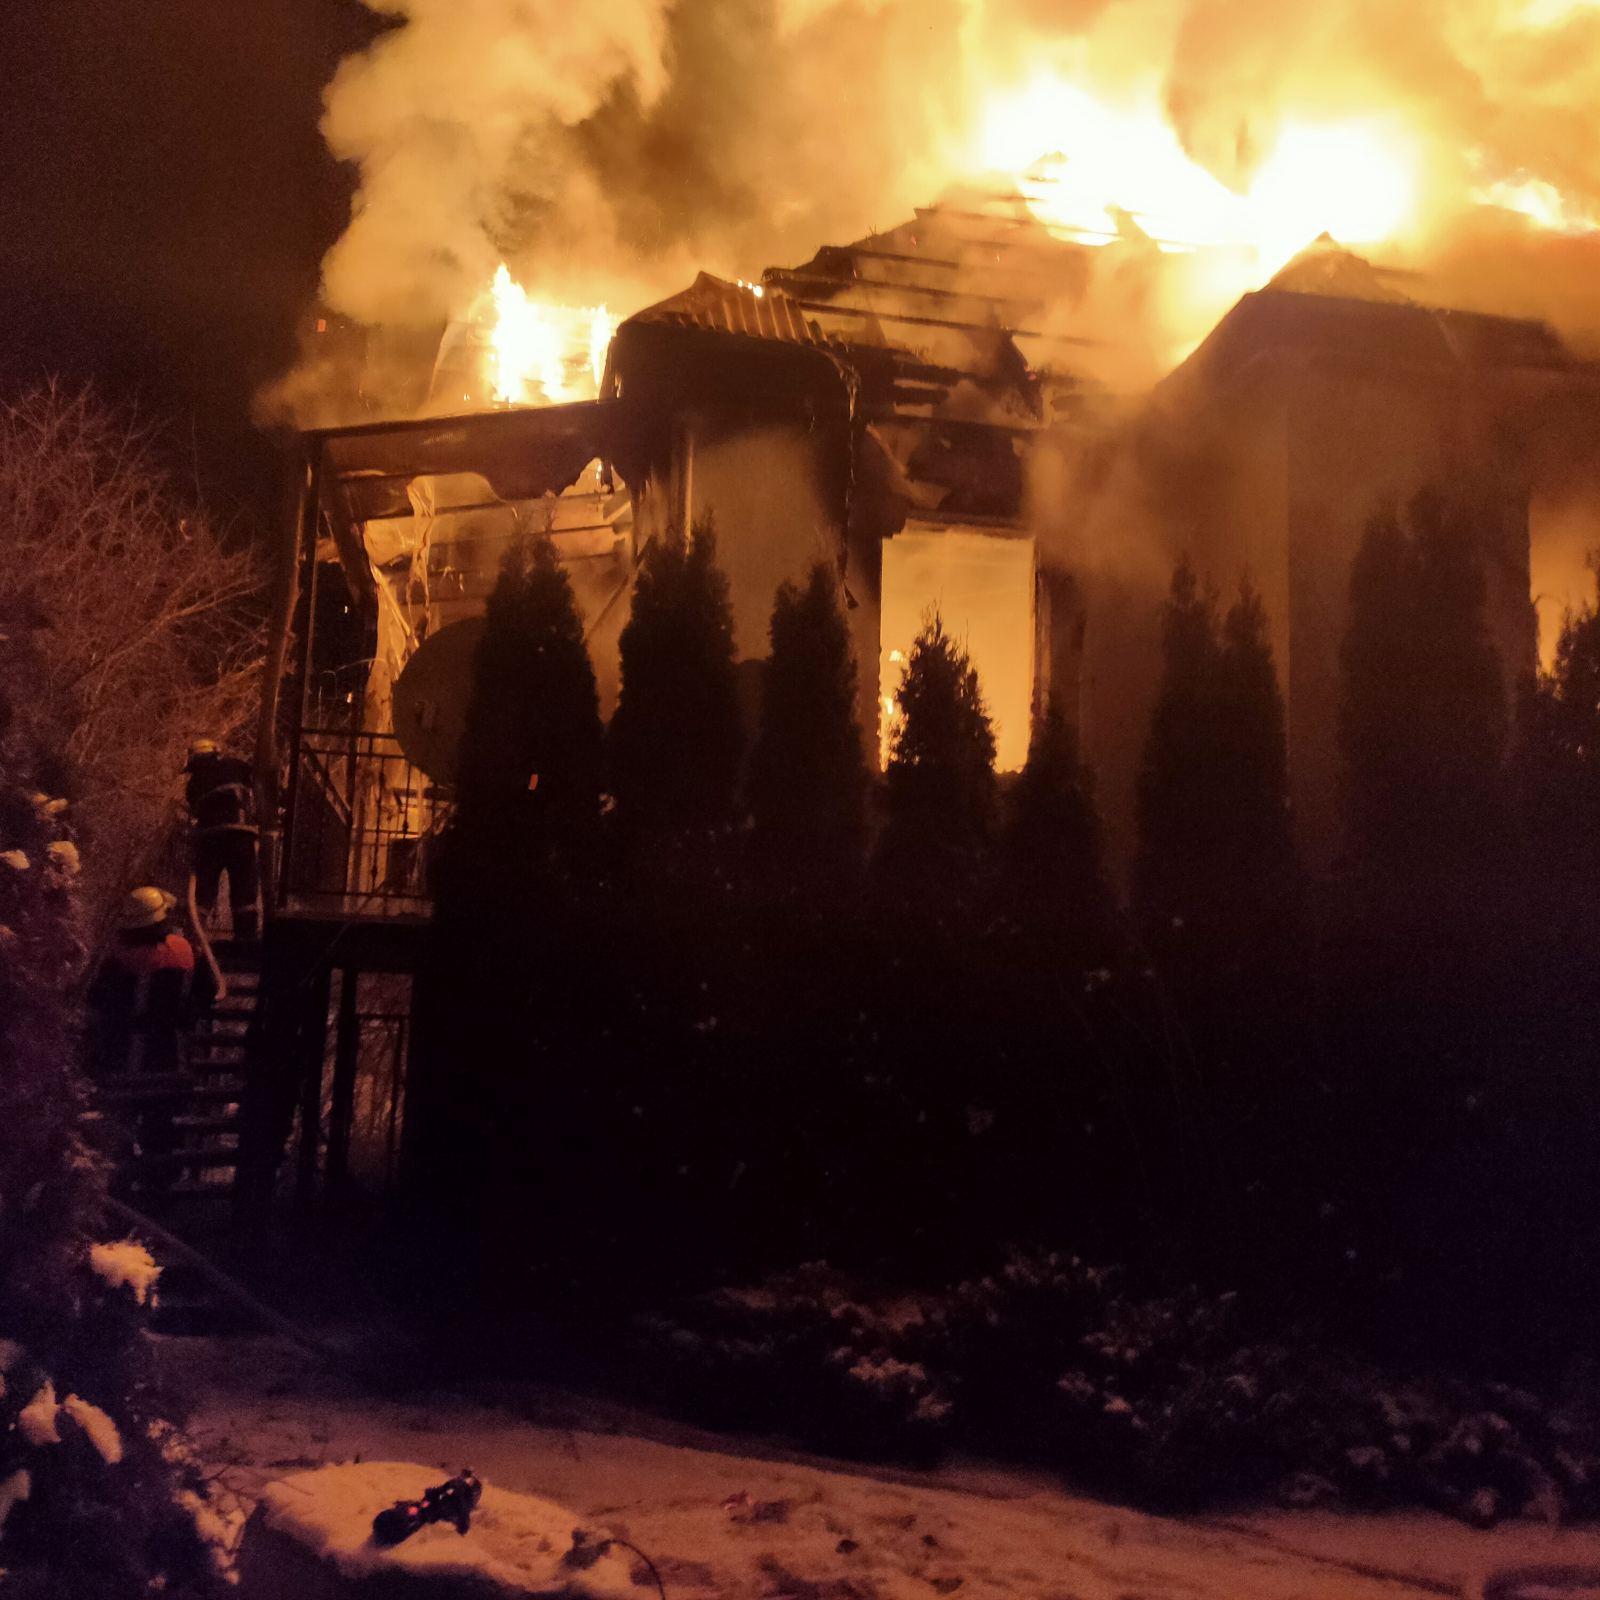 Обухівщина: нічна пожежа в приватному будинку - загорання житлового будинку, вогонь - media share 0 02 05 aff48e0073b6157d3cdba0e4d345f825e2a7e9b1319bb0561ac3def349f32491 aae33a36 fe52 48ef 826f f89ffa0e5fcc